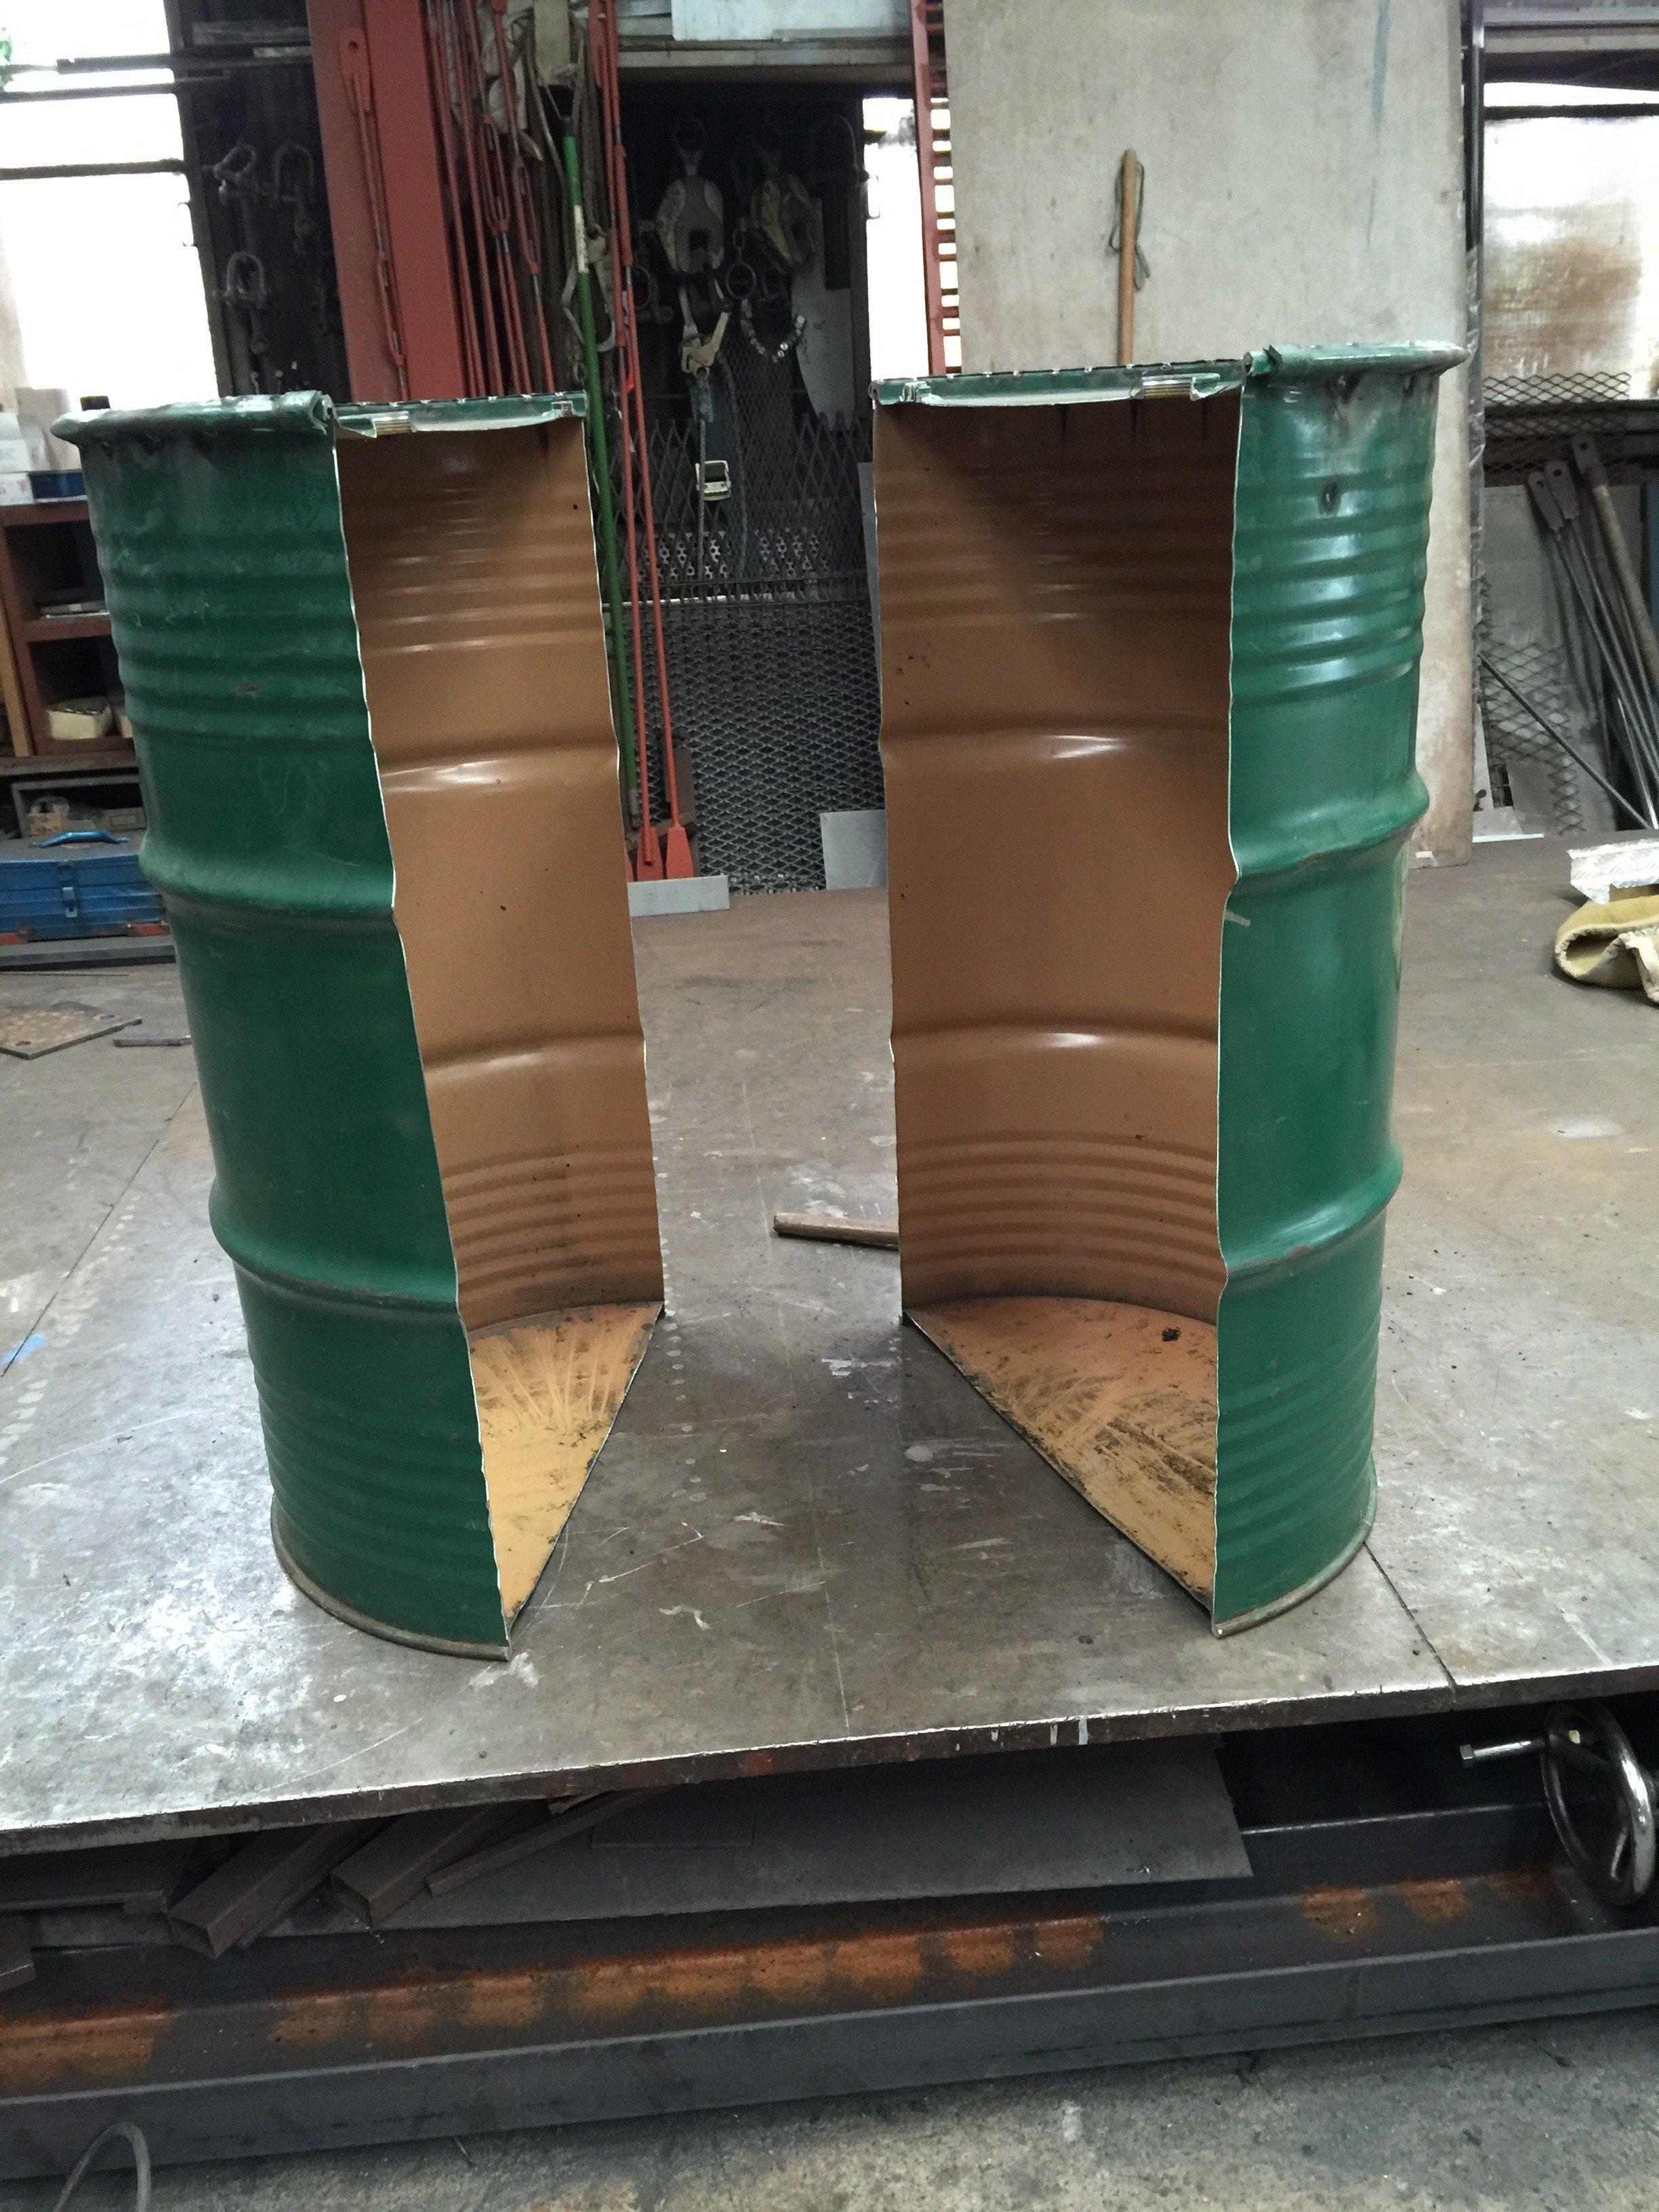 Les trucs et astuces maison bricolage ma grand mere m 39 a dit - Comment fabriquer un barbecue avec un tonneau ...